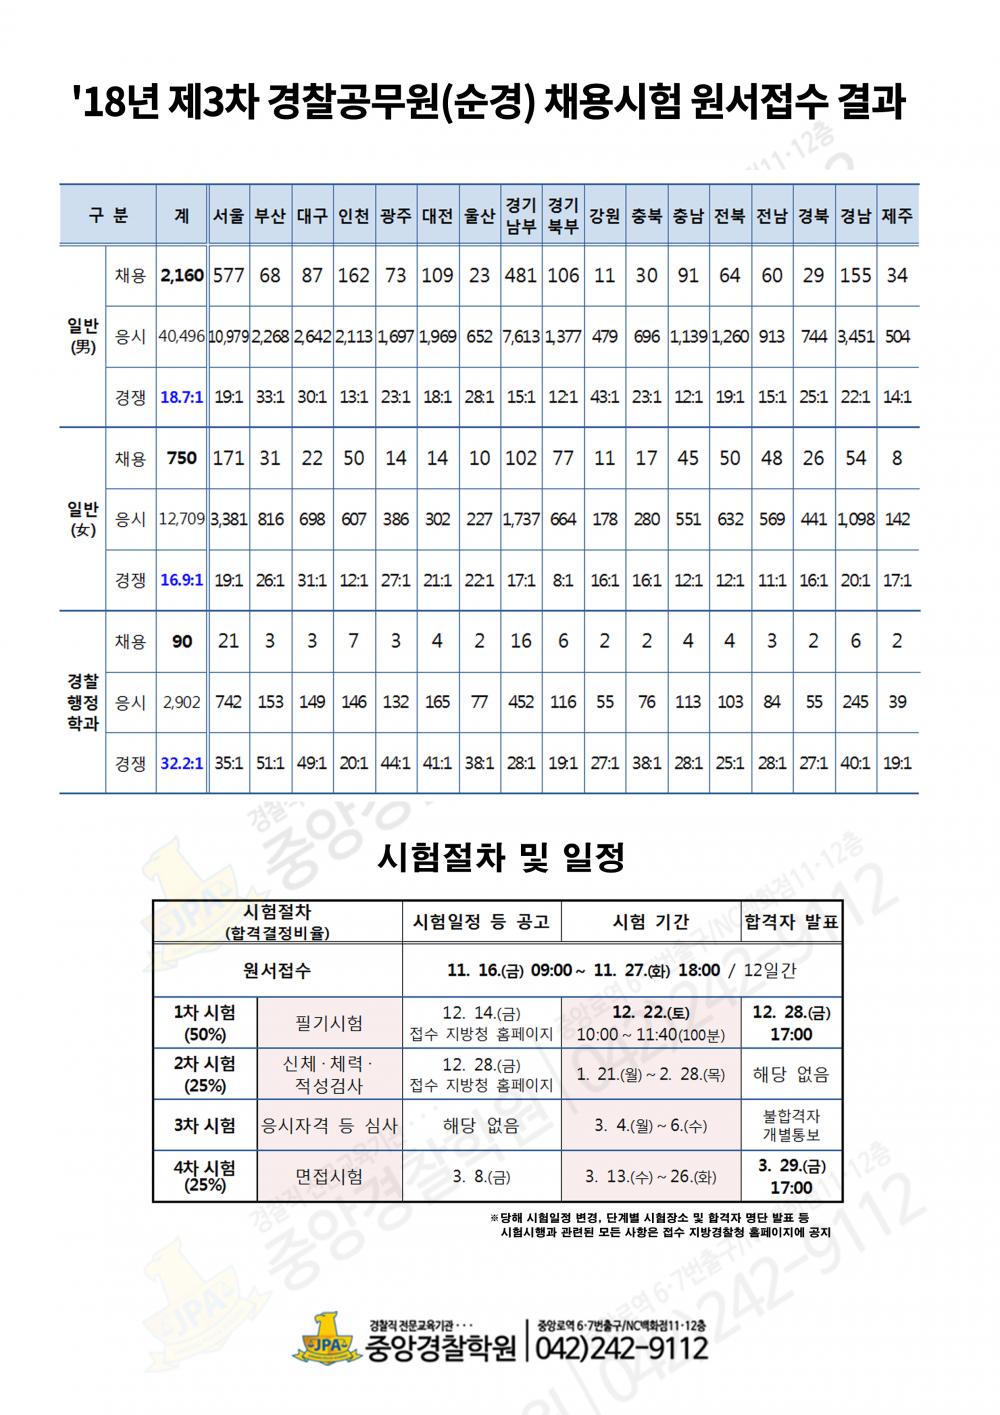 2018_3차 경쟁률.png